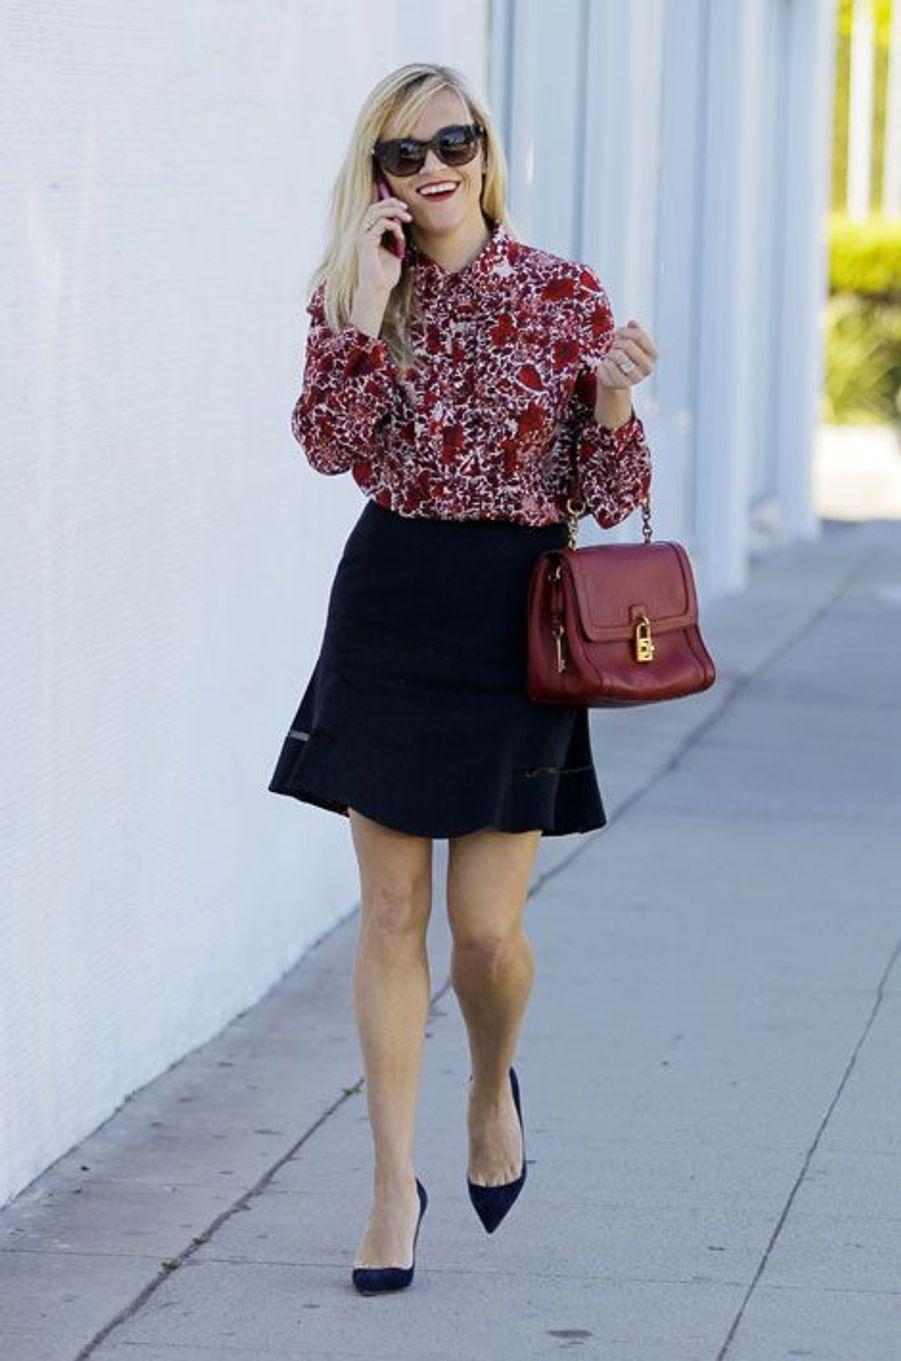 L'actrice américaine Reese Witherspoon dans les rues de Los Angeles, le 5 novembre 2014